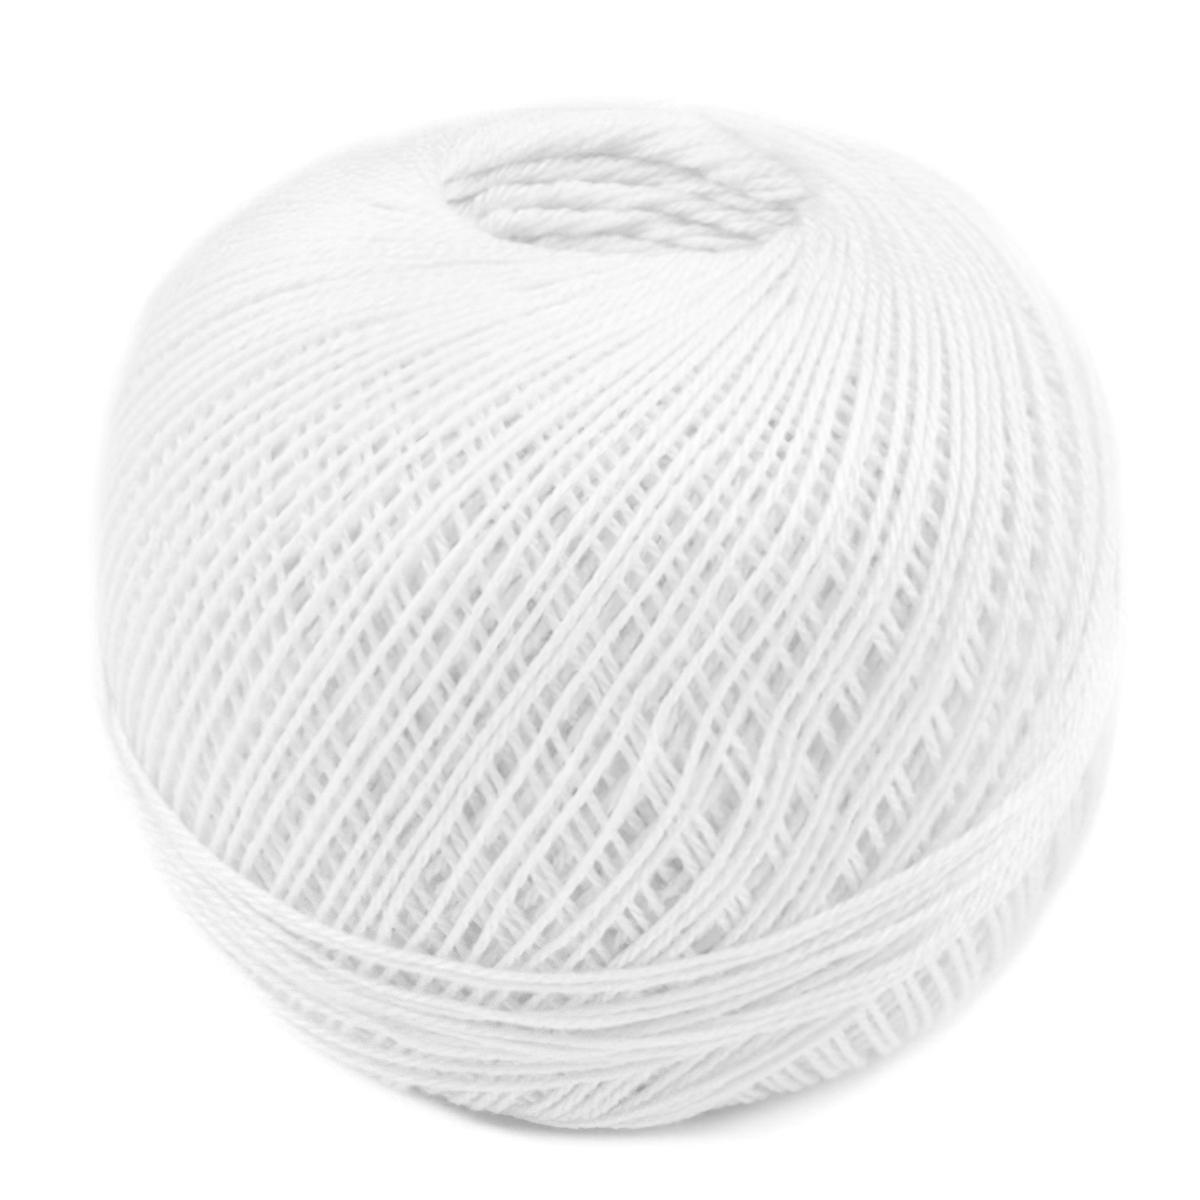 Pletací / háčkovací příze SNĚHURKA 010 bílá, jednobarevná, 30g/200m